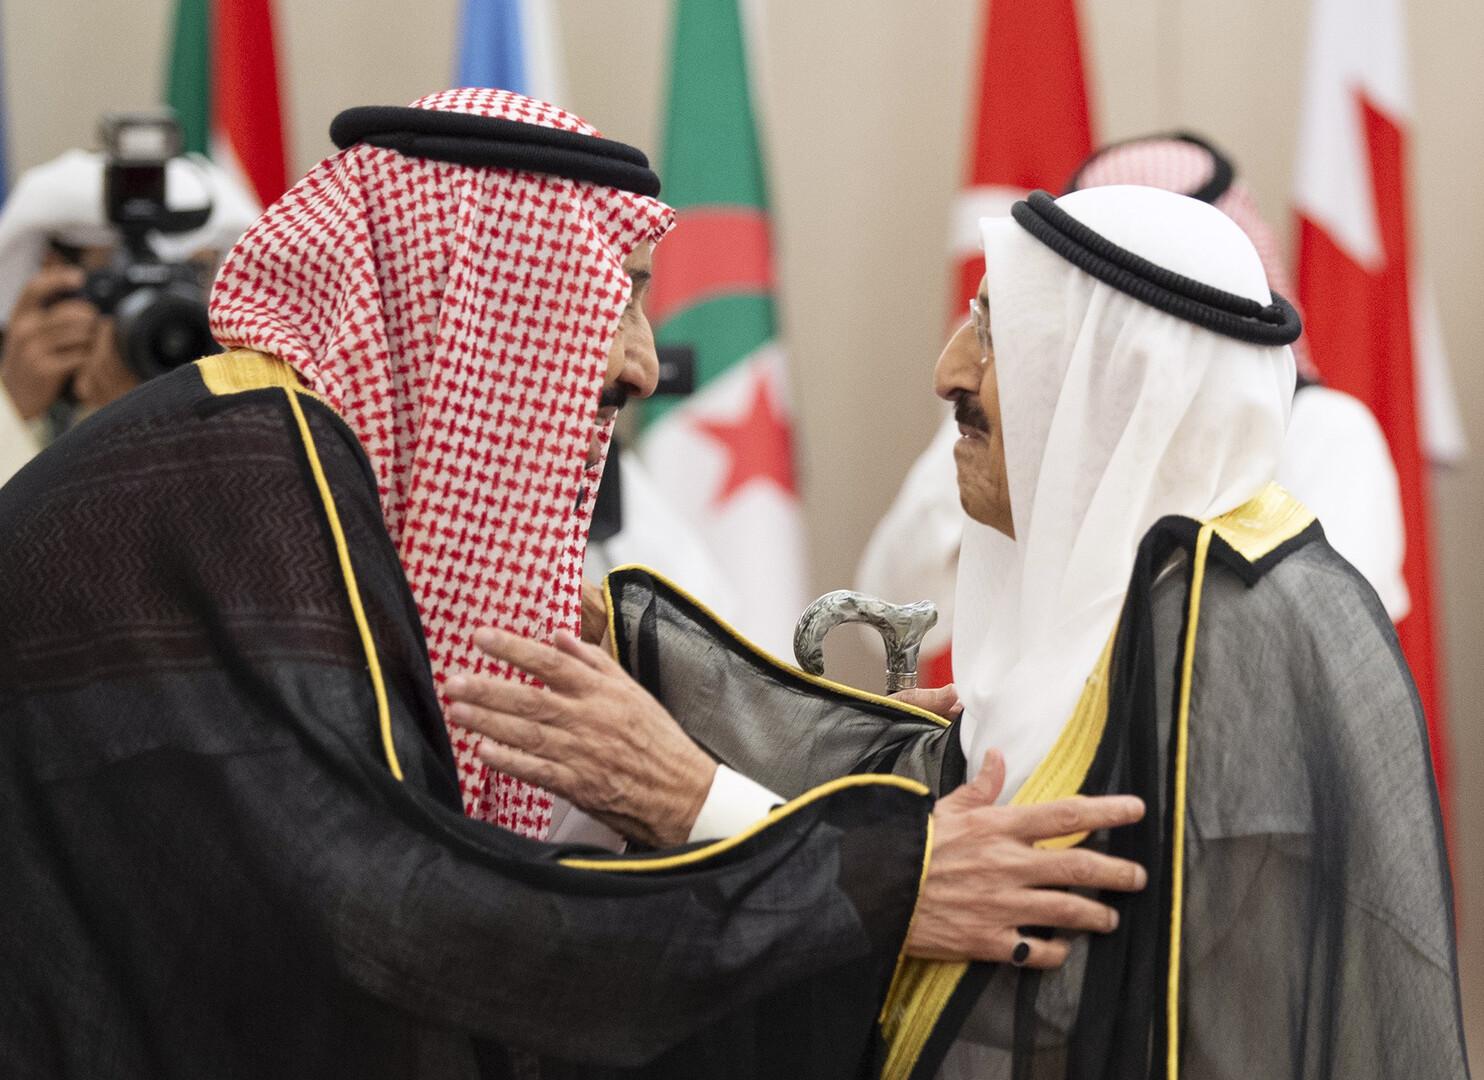 العاهل السعودي وأمير قطر يتصلان بأمير الكويت للاطمئنان على صحته